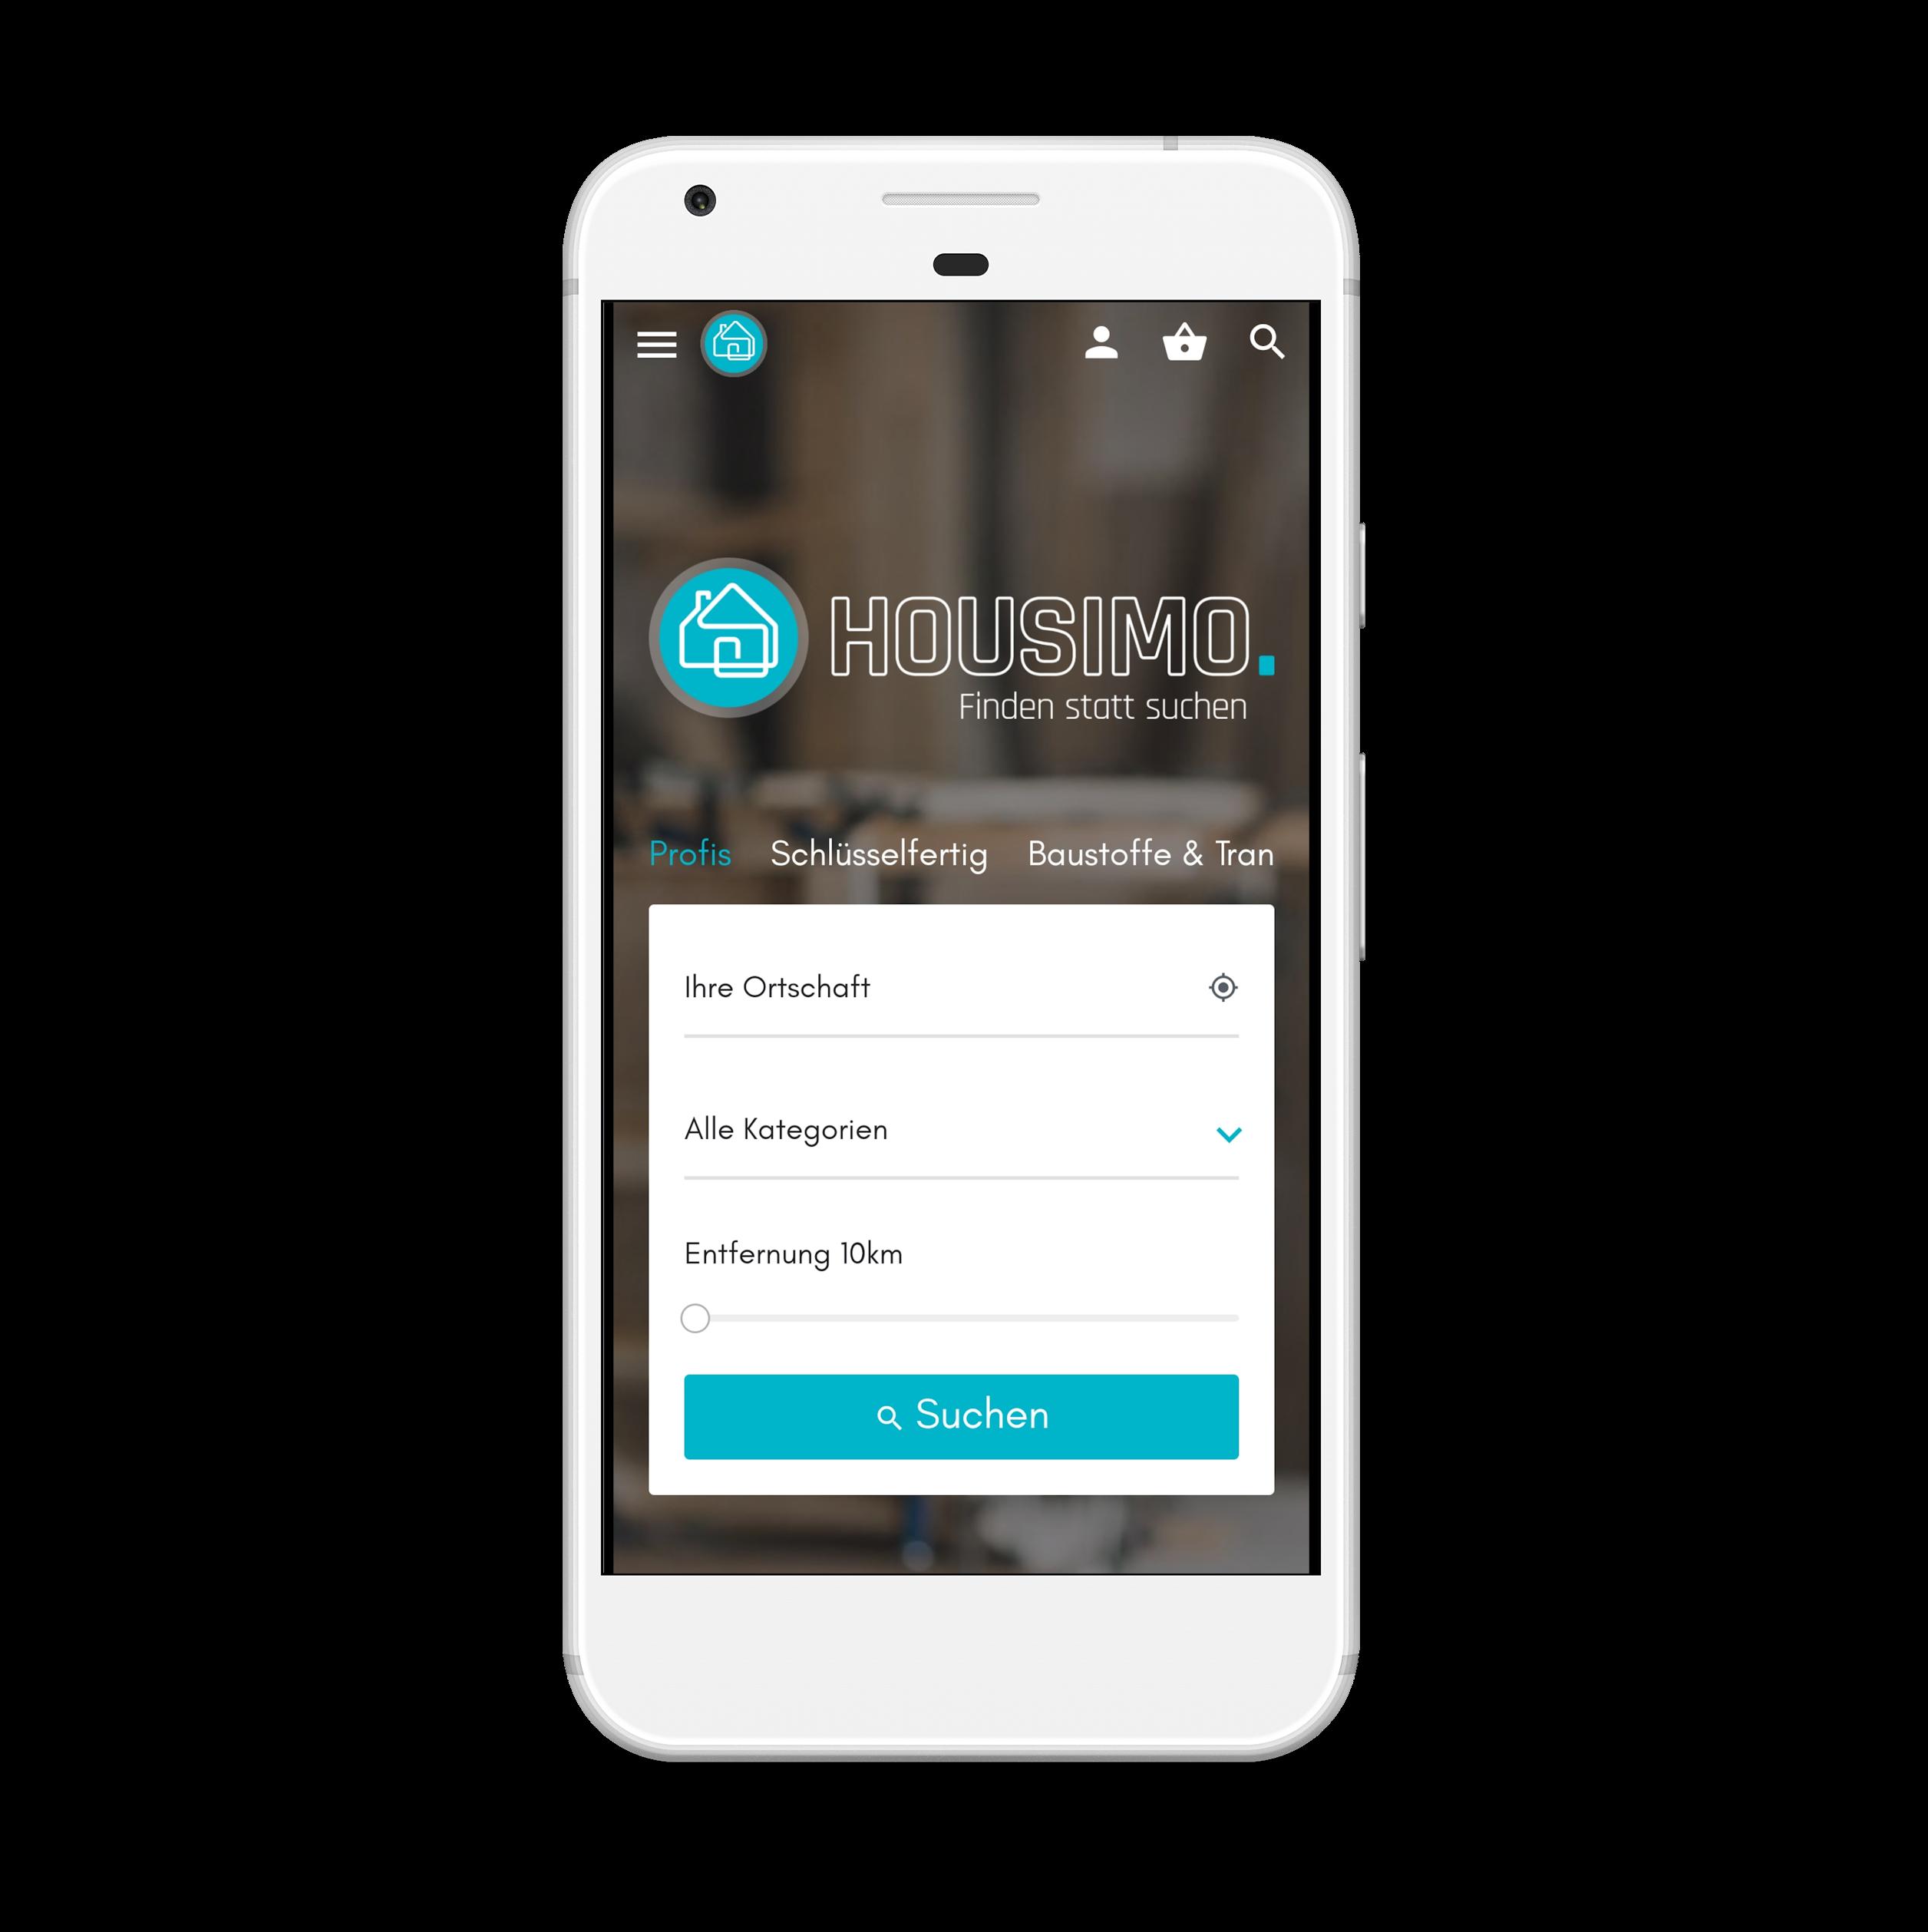 housimo_smartphone_handwerker_finden